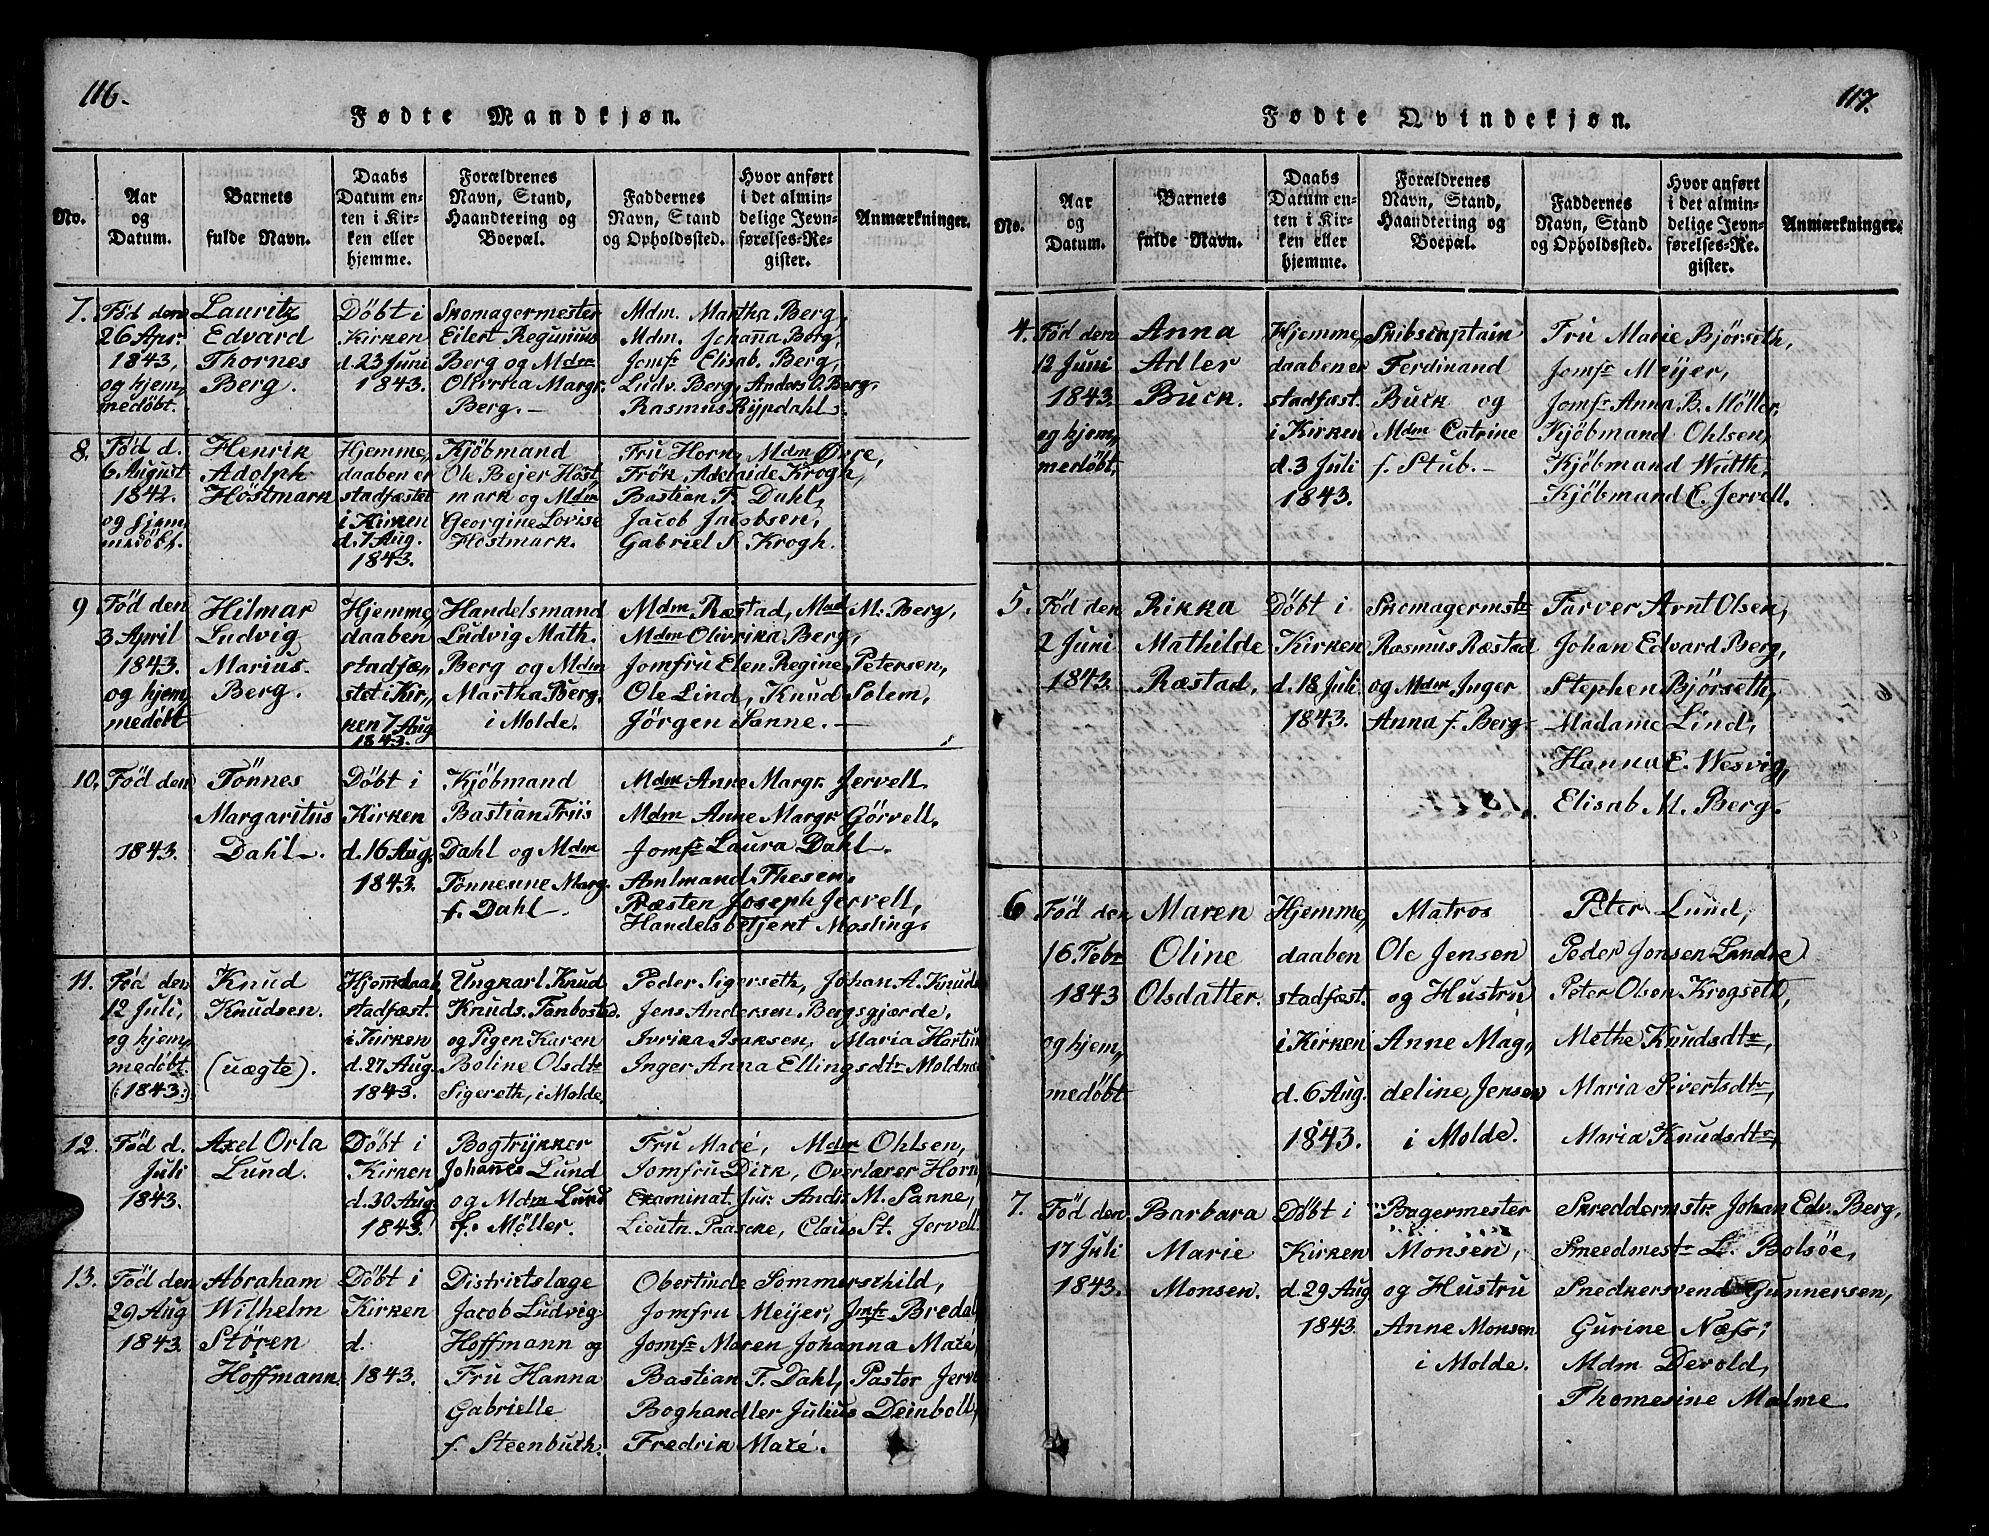 SAT, Ministerialprotokoller, klokkerbøker og fødselsregistre - Møre og Romsdal, 558/L0700: Klokkerbok nr. 558C01, 1818-1868, s. 116-117